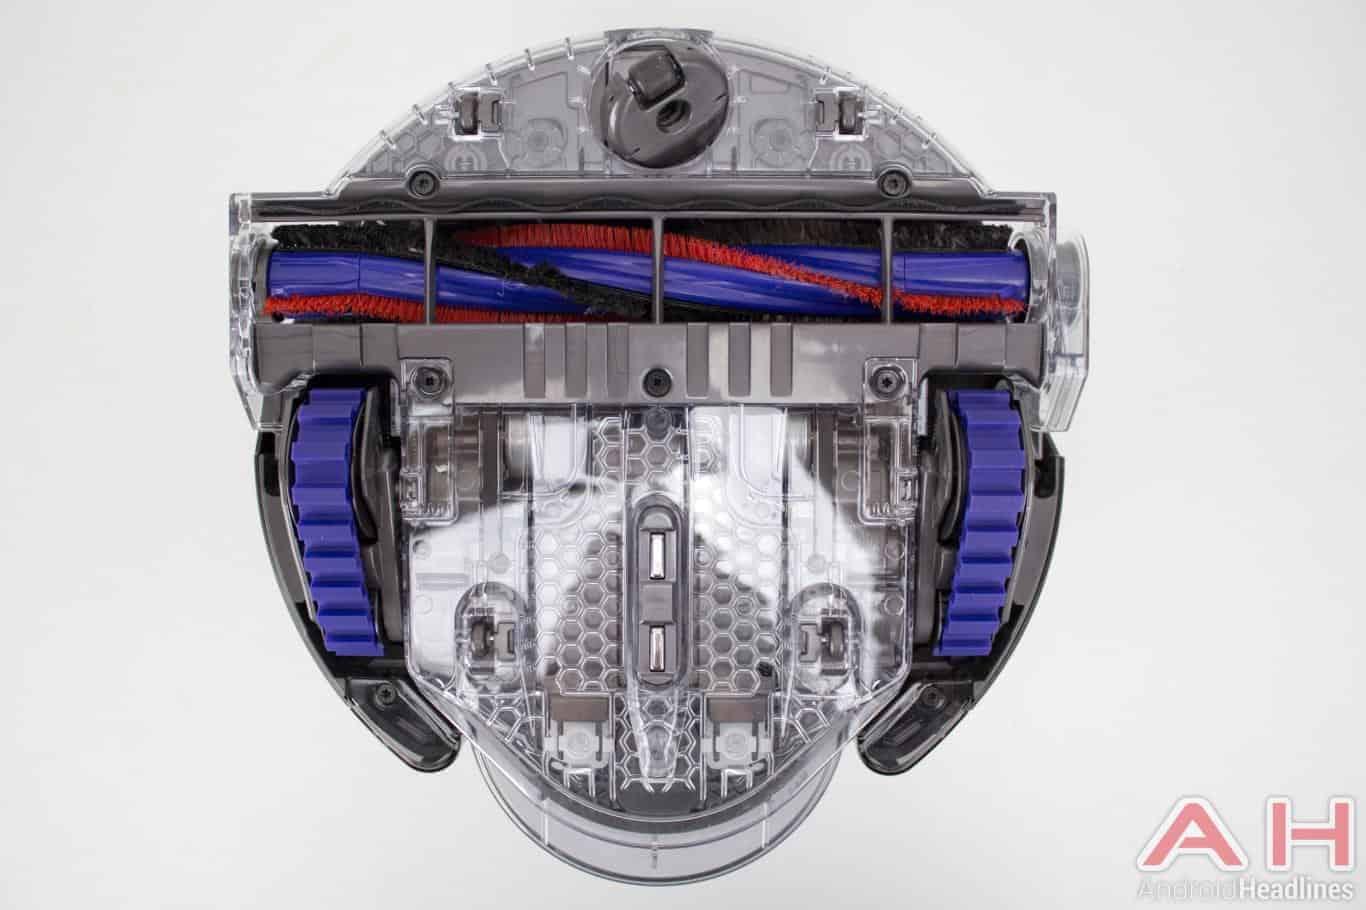 360 eye dyson vacuum пылесос дайсон вертикальный отзывы